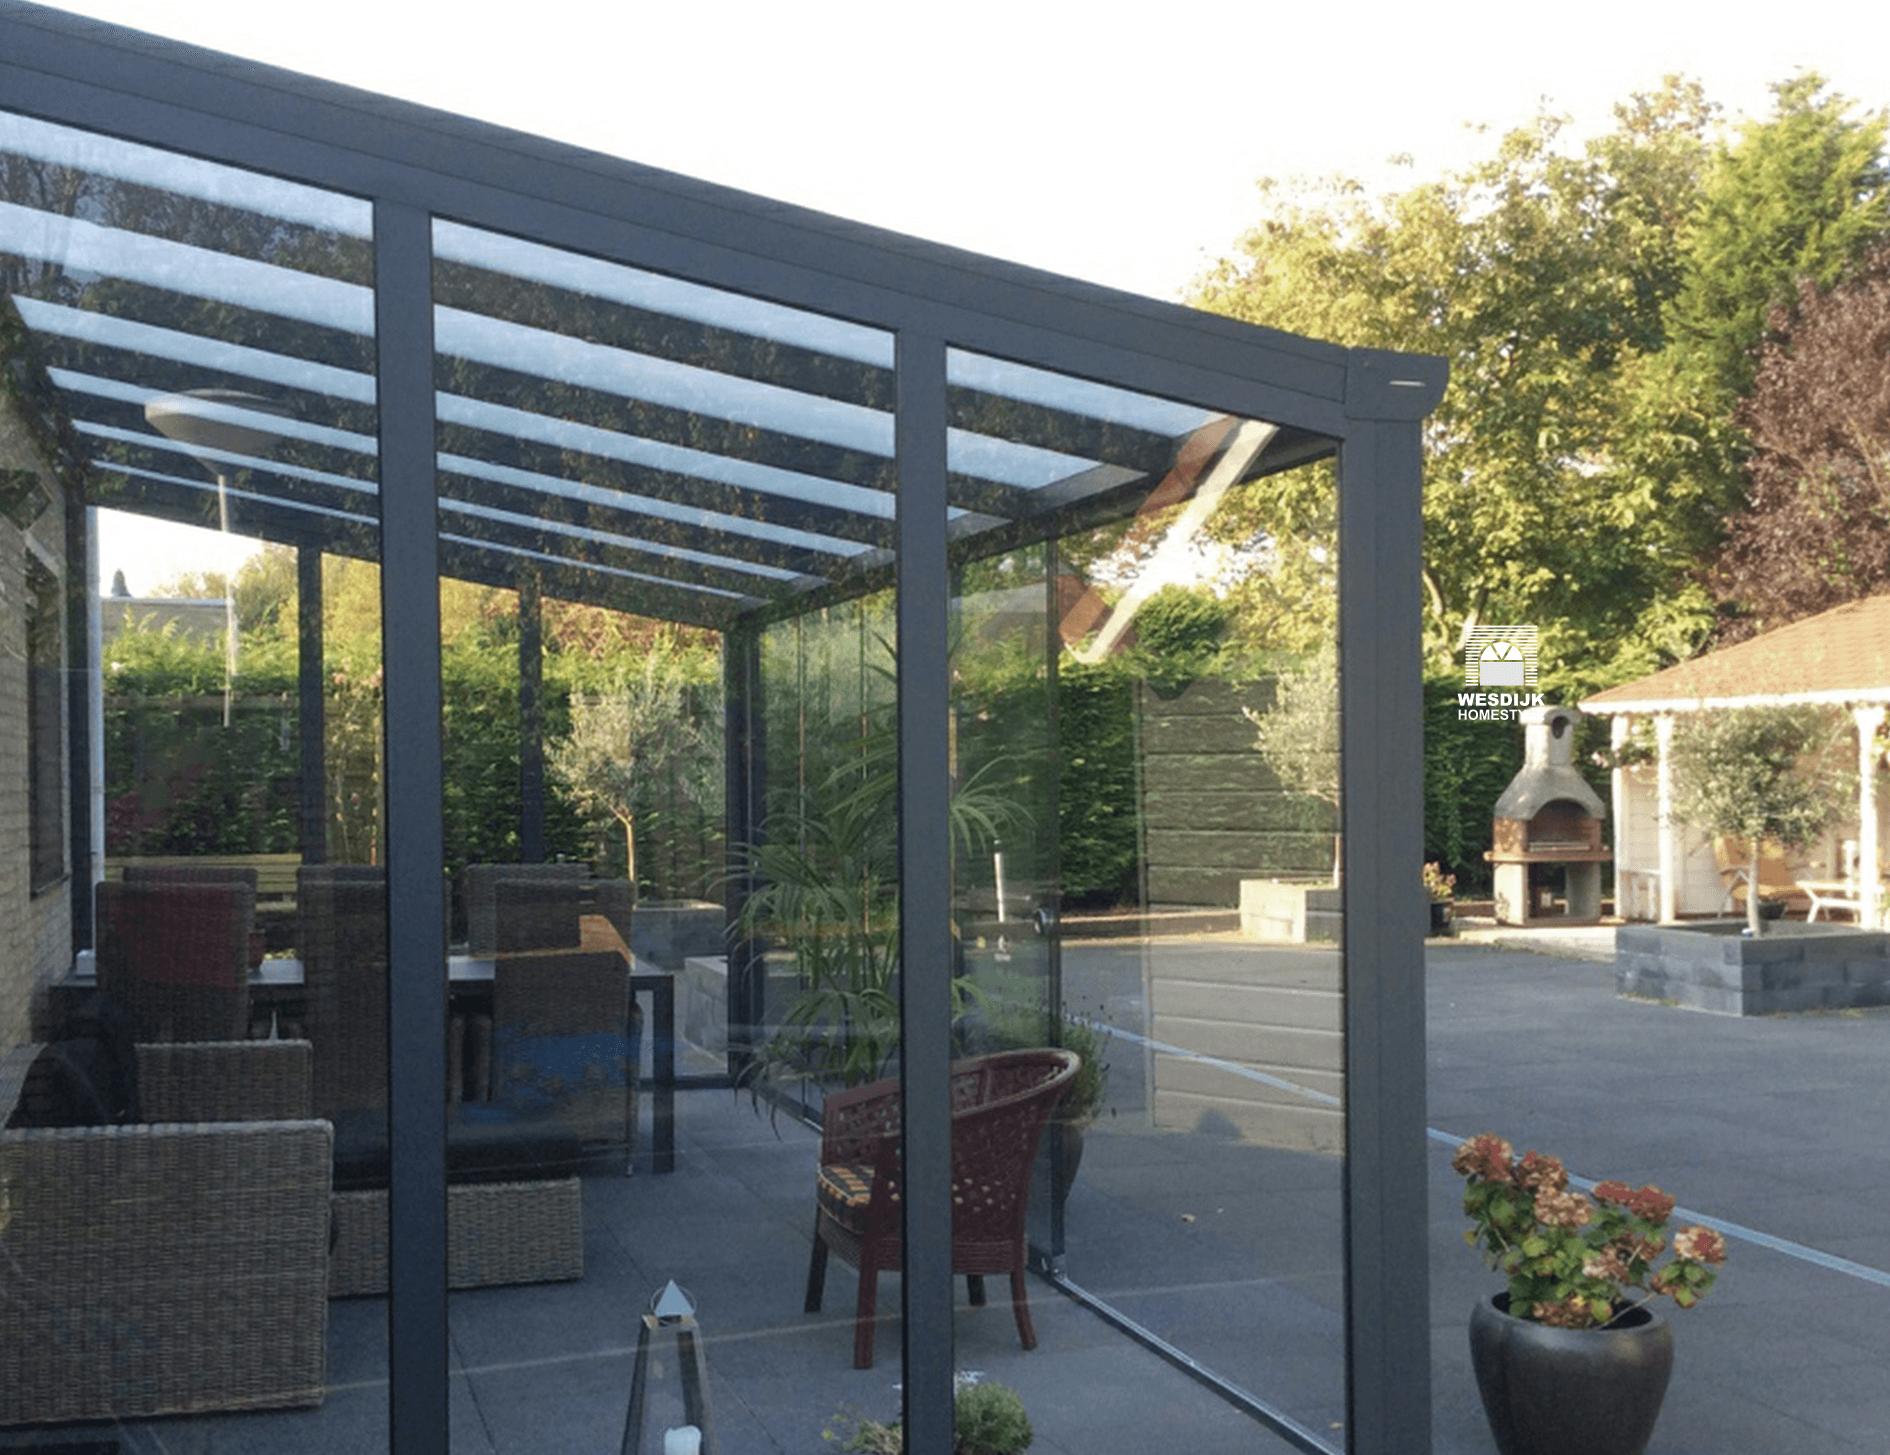 Spiksplinternieuw Veranda Zeeland specialist in veranda's, terrasoverkappingen en DO-25